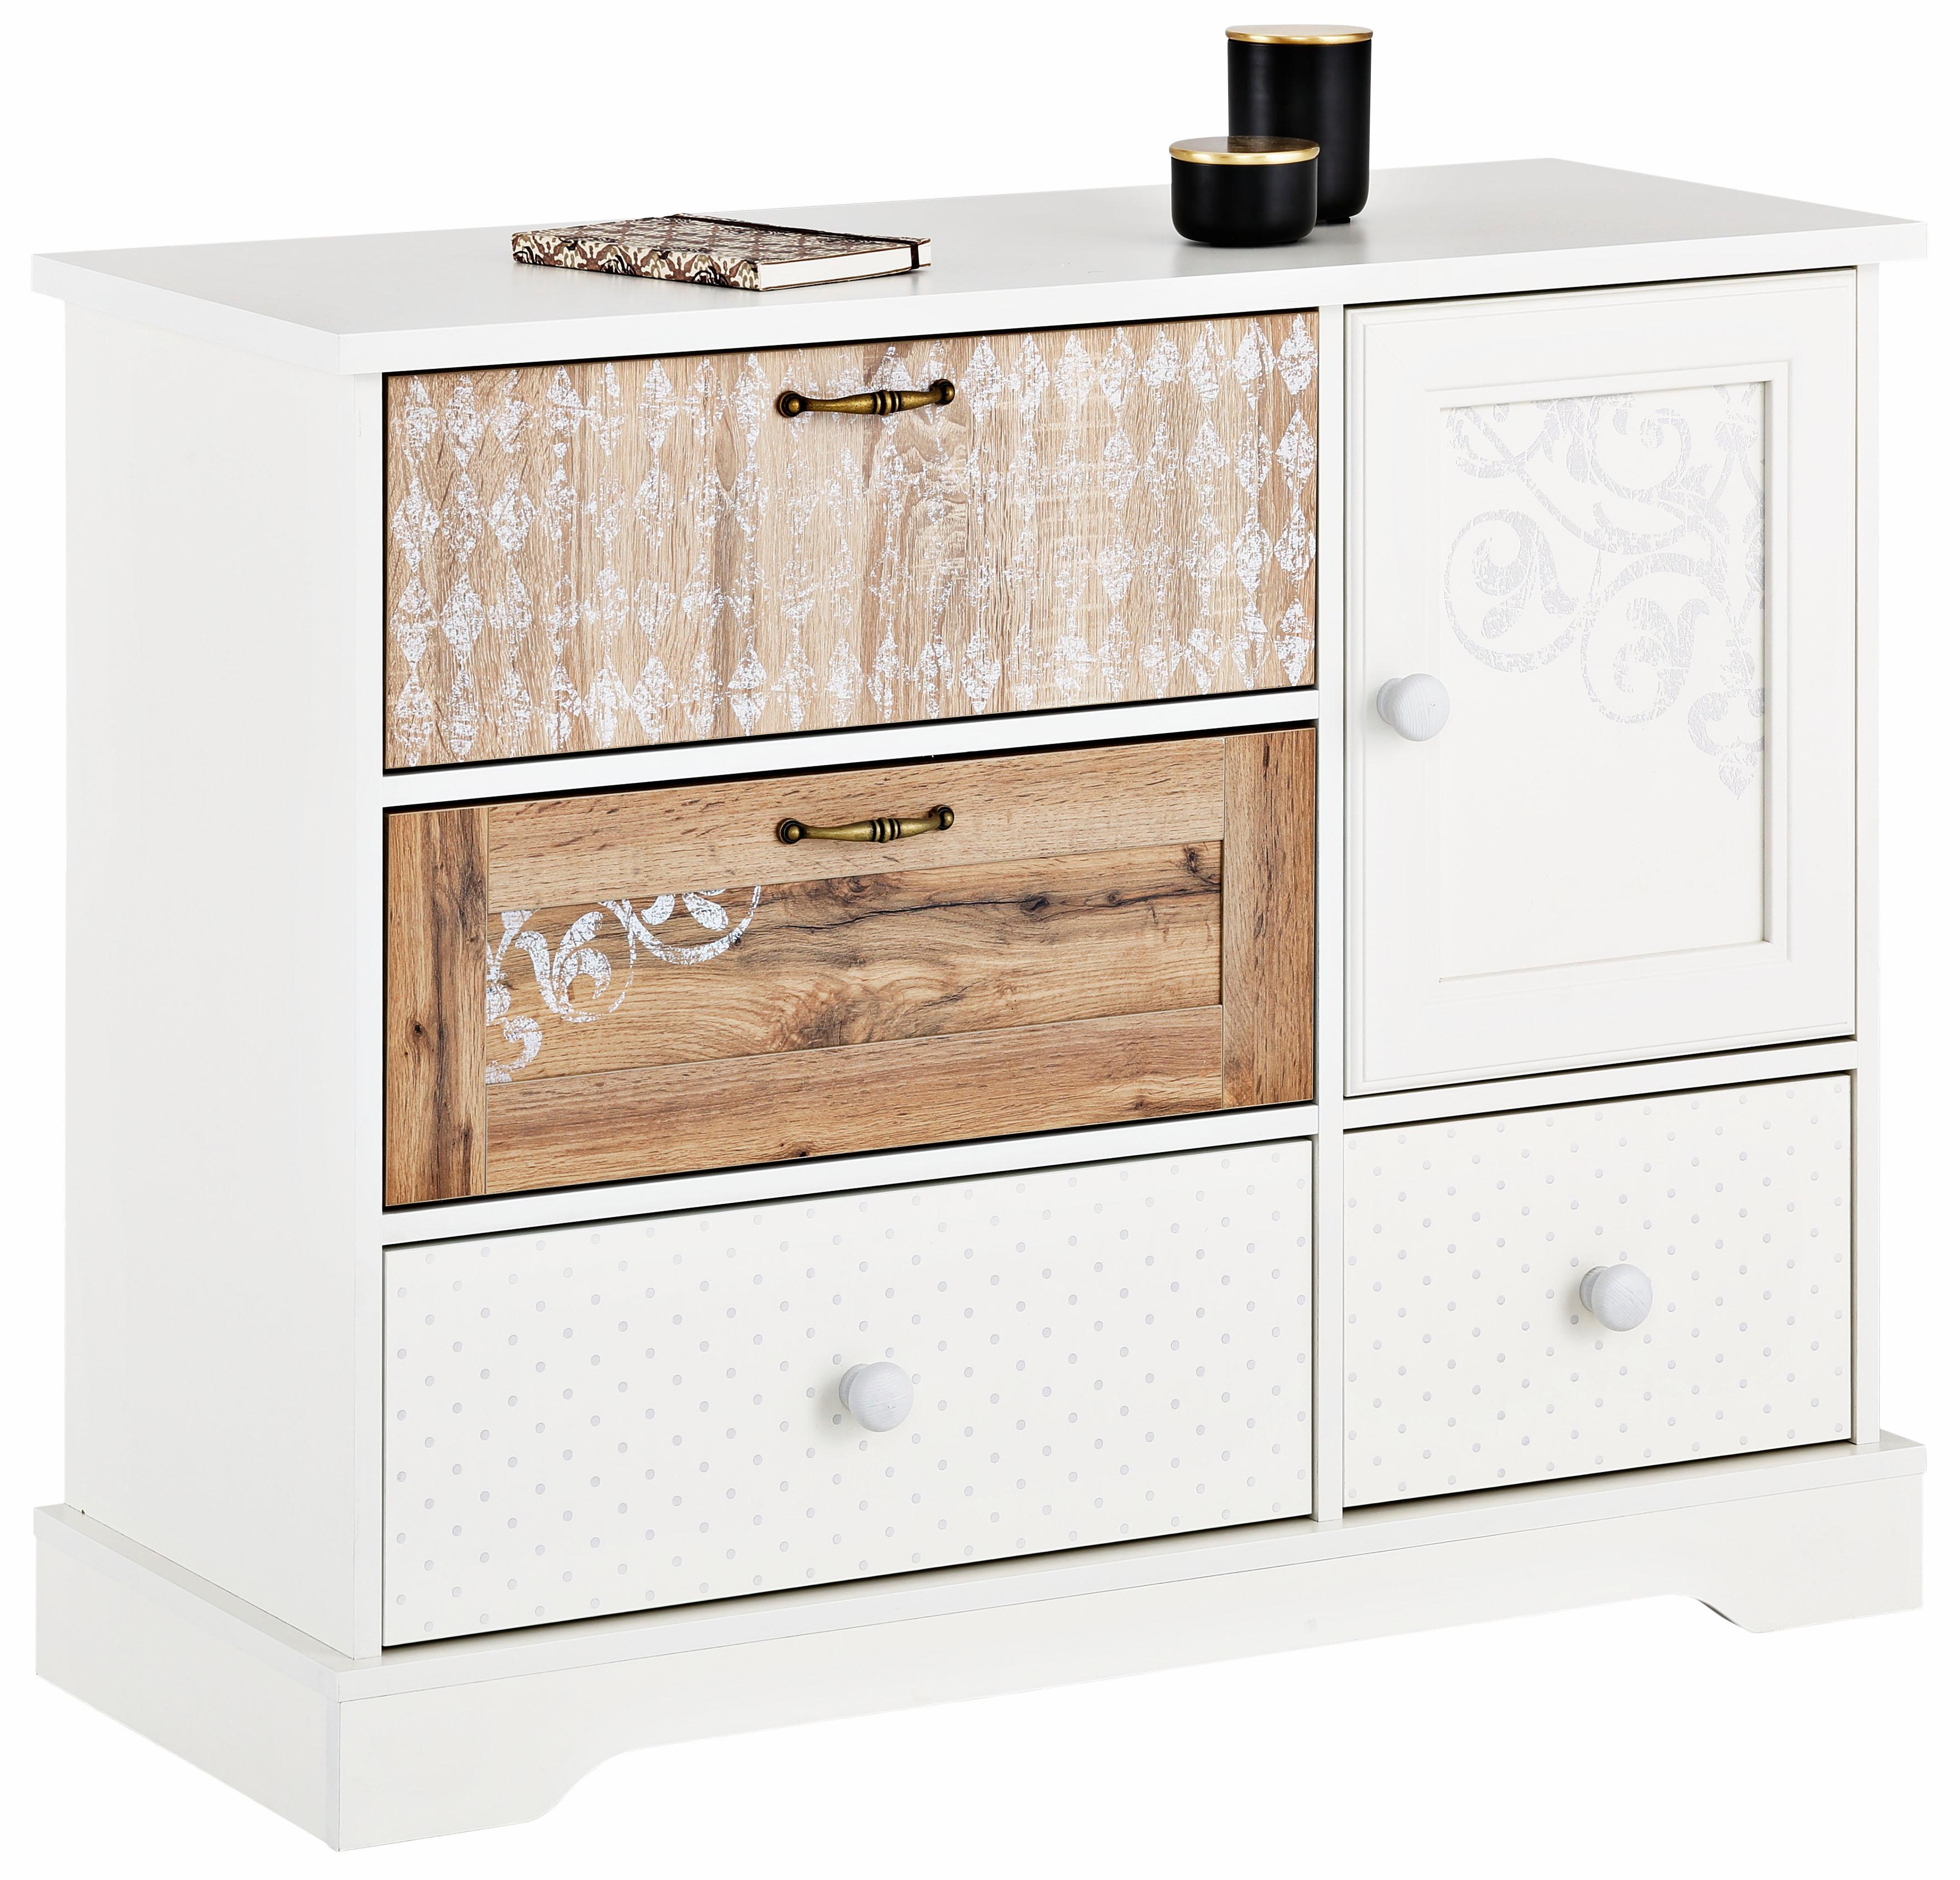 Home affaire Kommode Ella 102 cm breit dezent verziert/bedruckt mit Ranken und Ornamenten